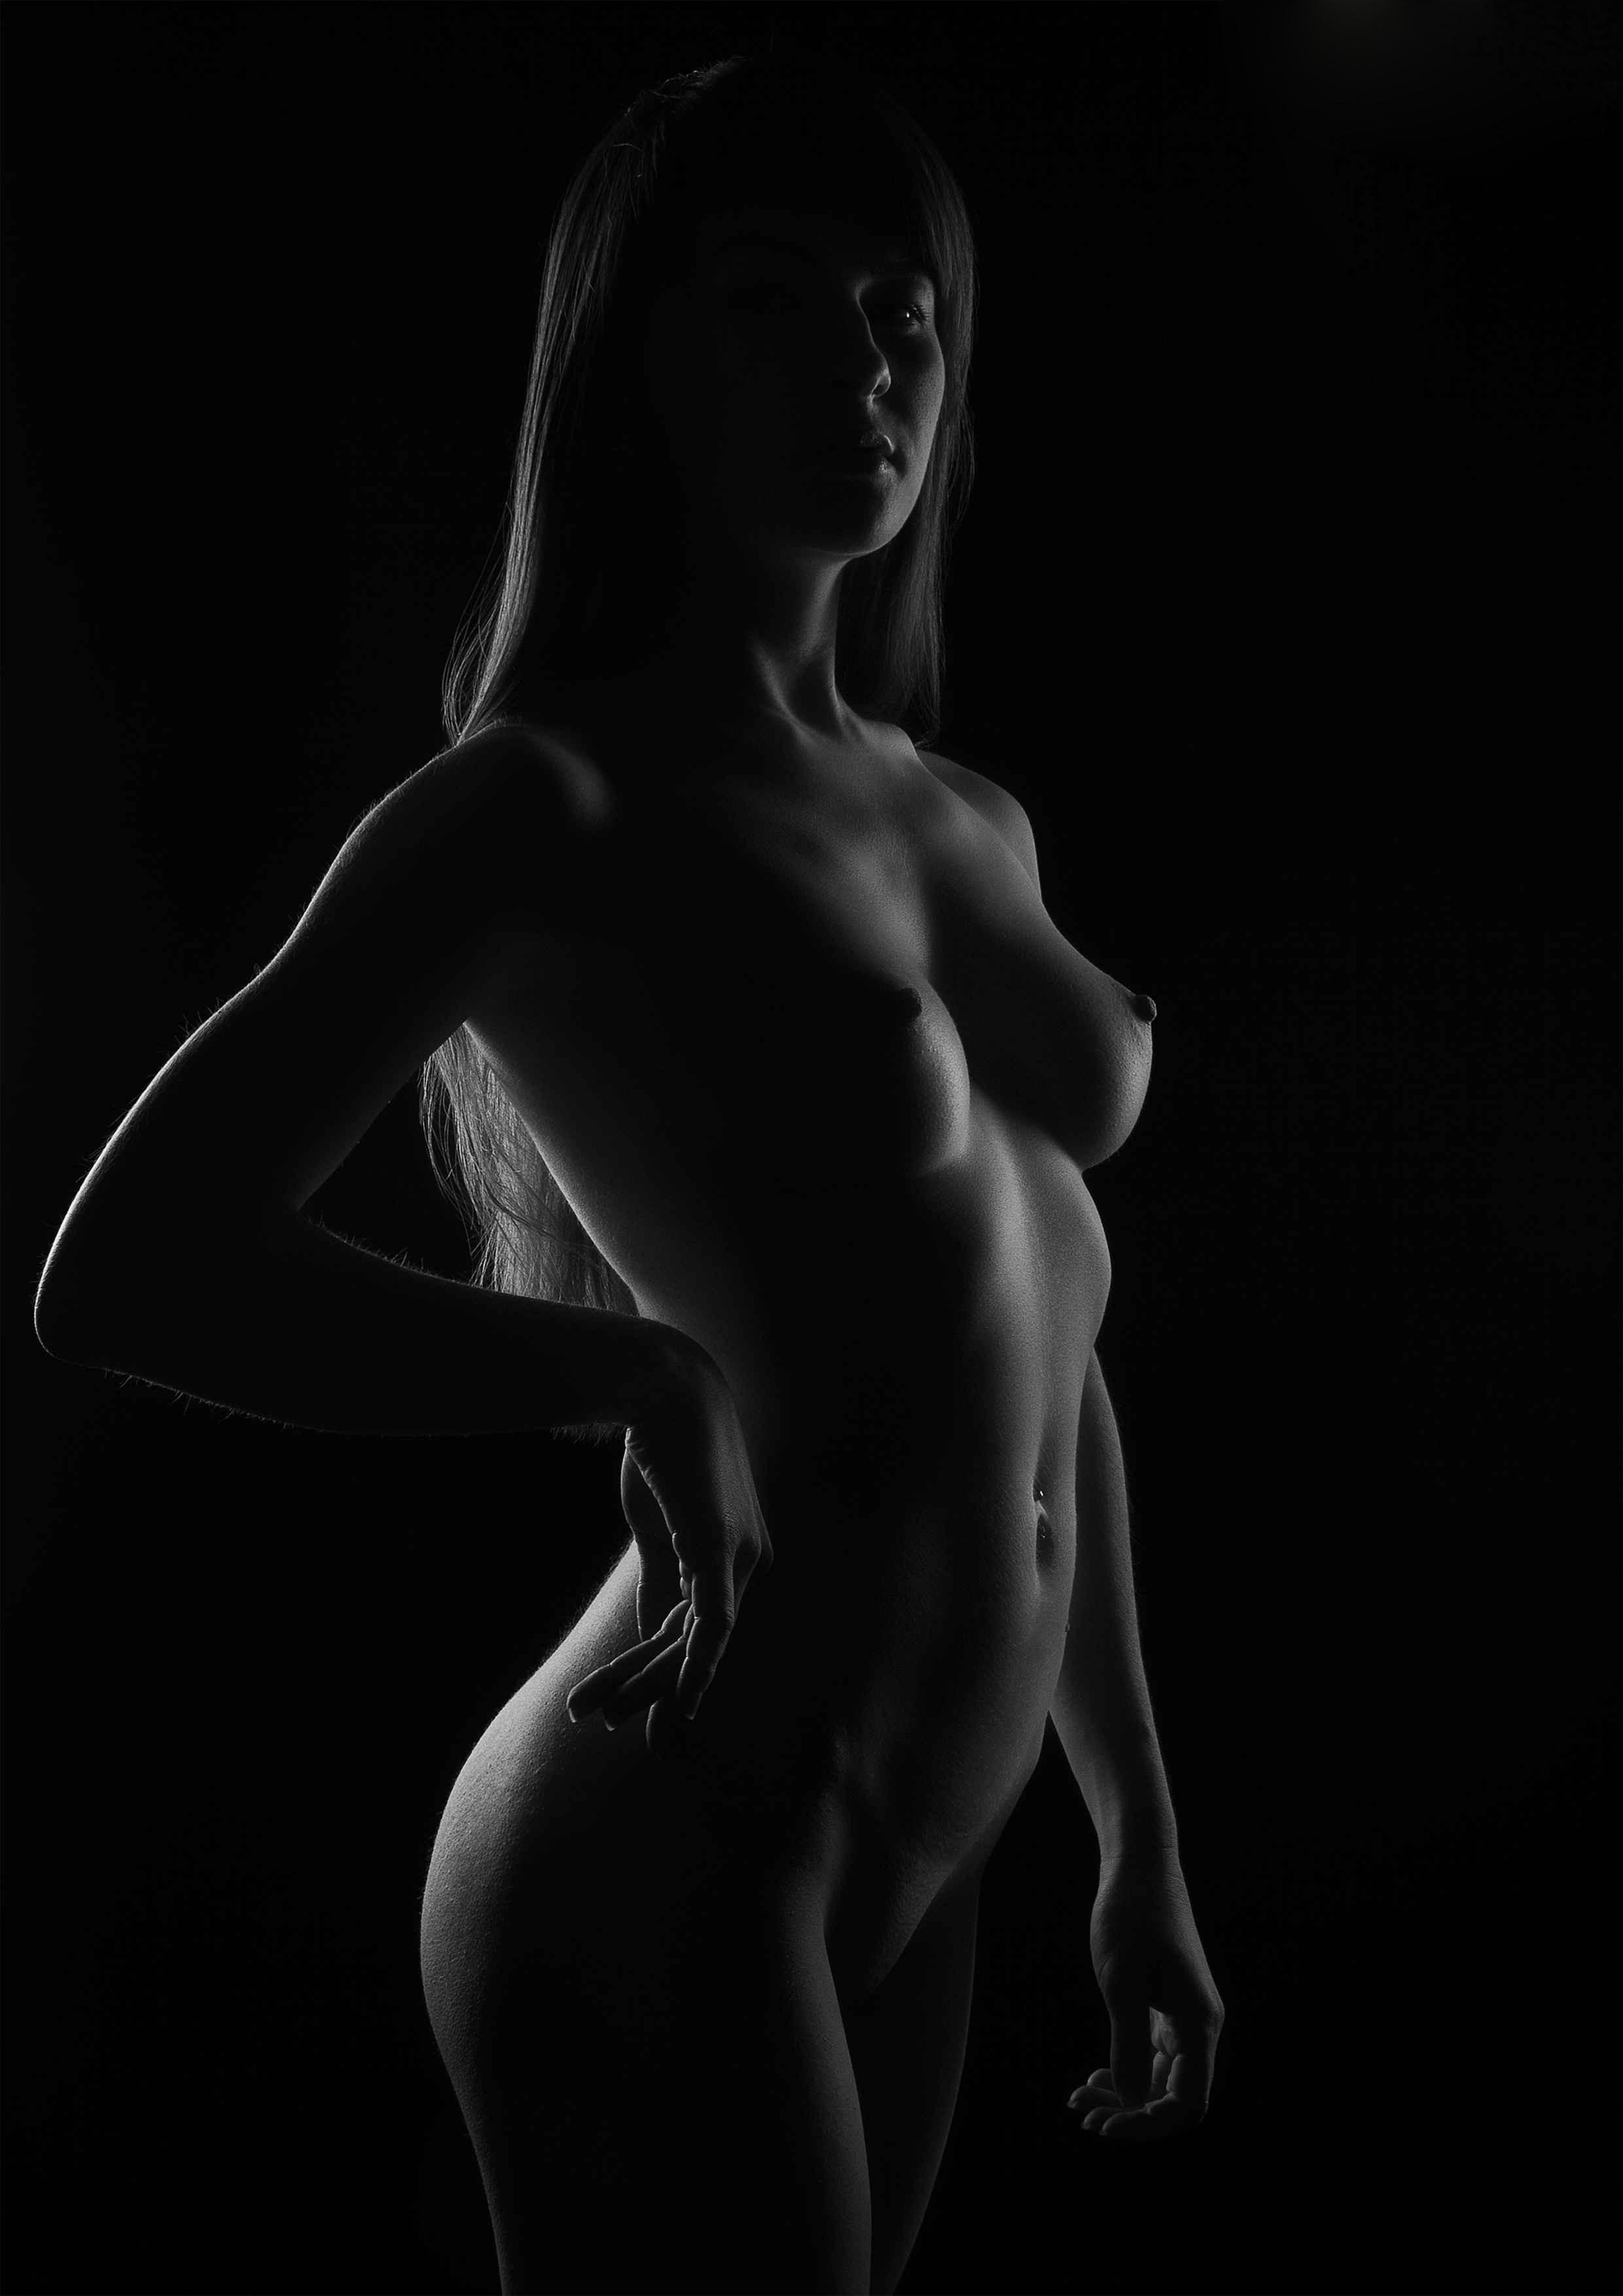 Эротические черно белые частные фото девушек, пьяная теща порно